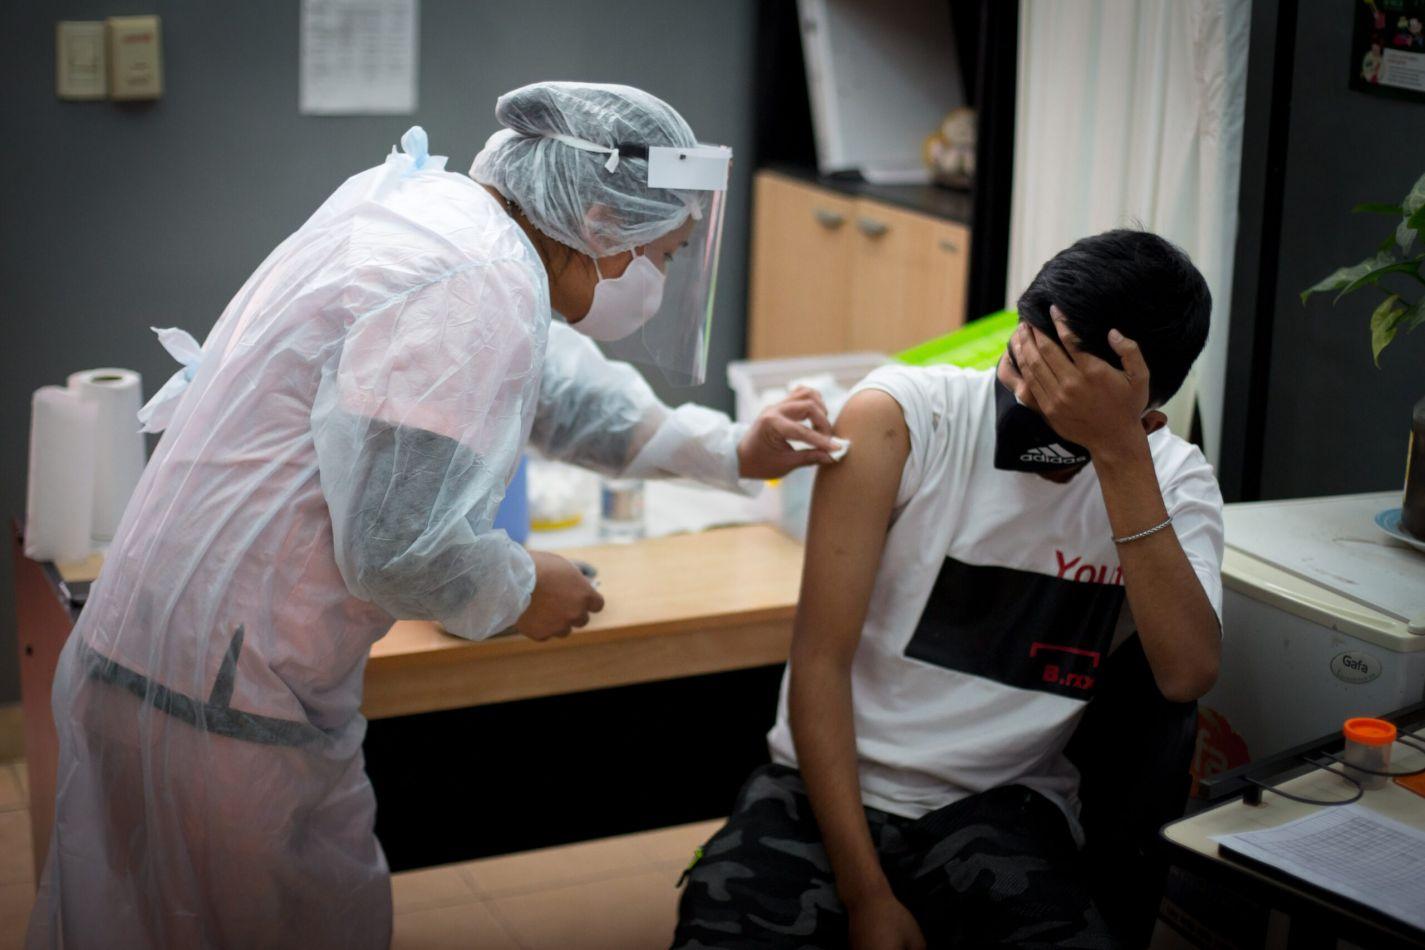 Vacunación de docentes: los primeros en vacunarse serán directivos, supervisores y luego nivel inicial y primeros grados